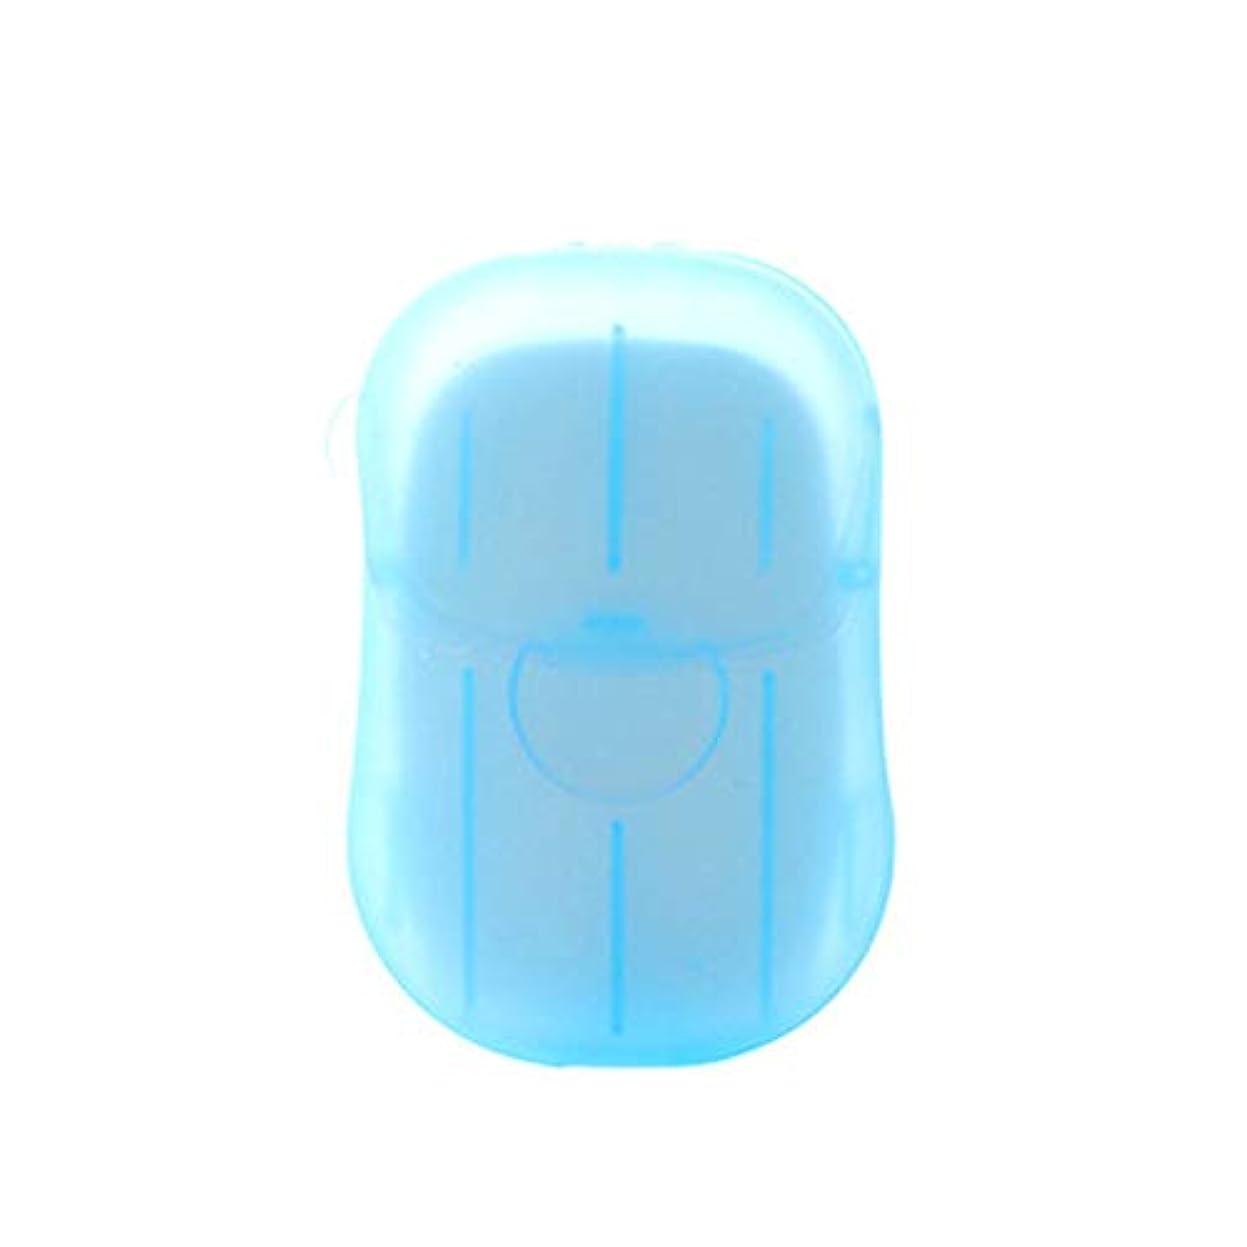 変換する見えない採用するGalapara 紙石鹸 使い捨て石鹸ケース 20枚石鹸ペーパー香料入り 旅行用品